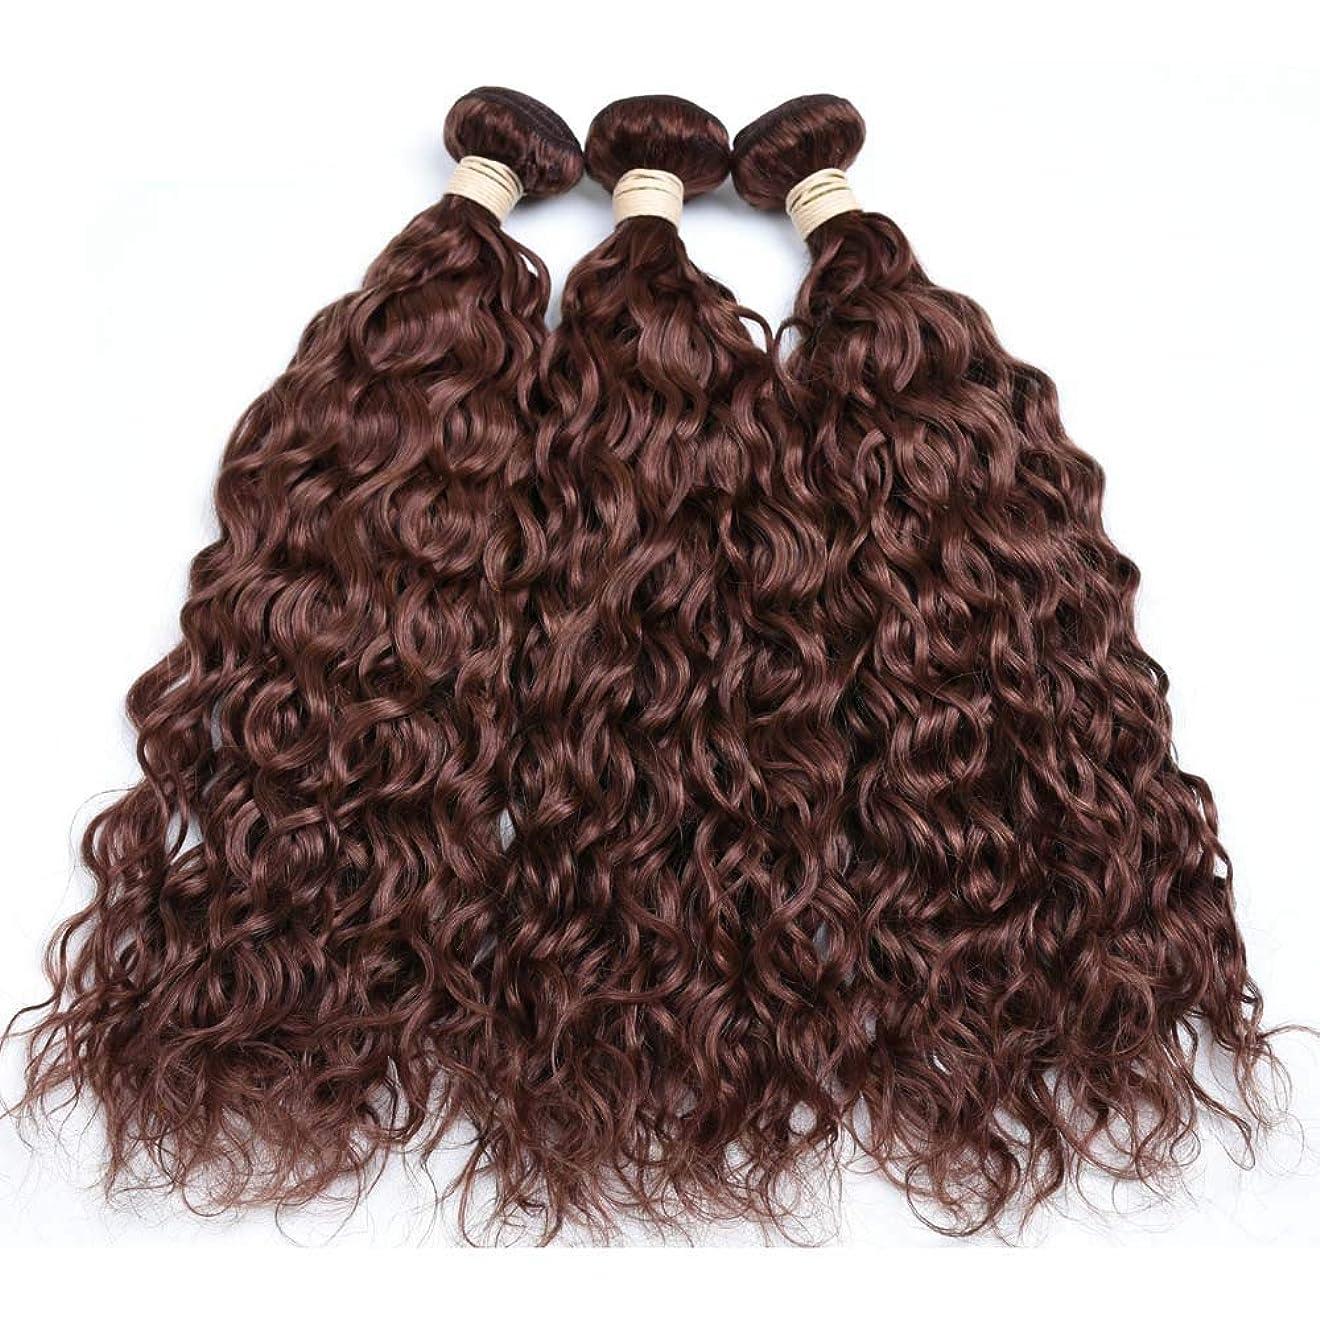 別れる見かけ上意味YESONEEP ブラジルの髪の束ブラジルの水の波100%未処理の本物の人間の髪の毛#33ブラウン色(8